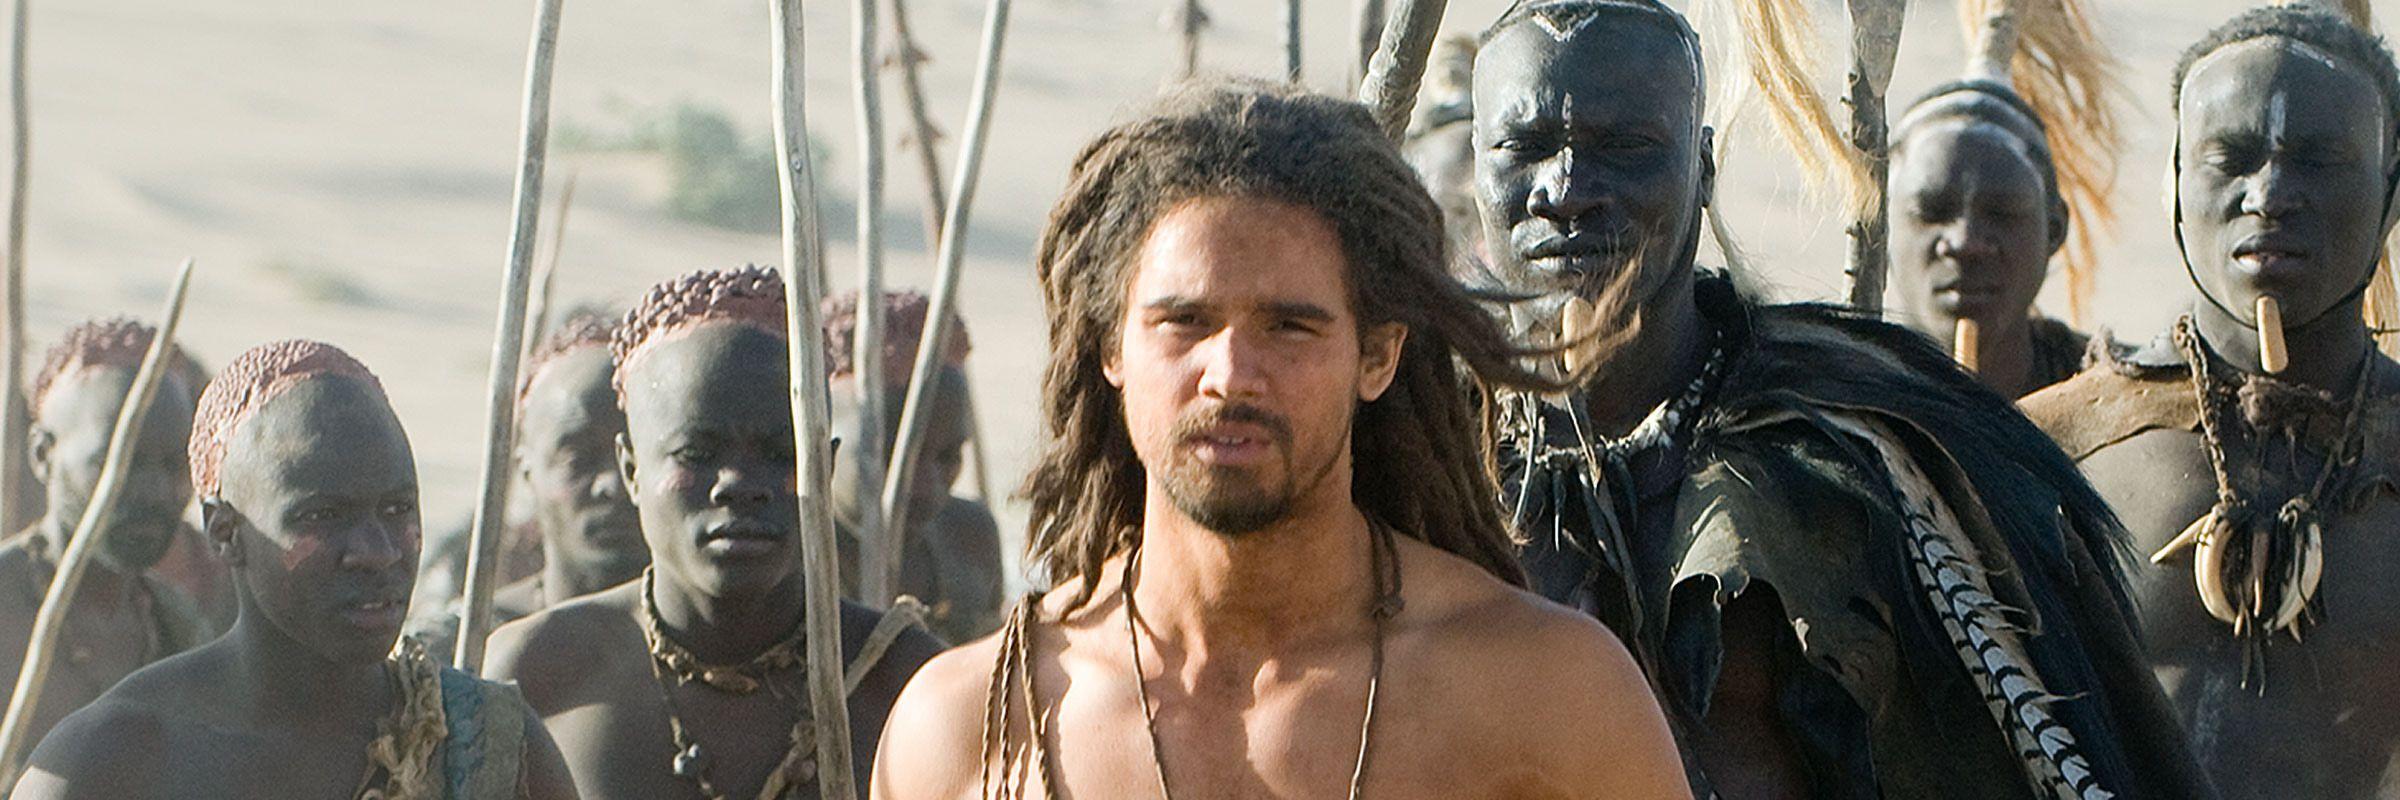 10,000 BC | Full Movie | Movies Anywhere